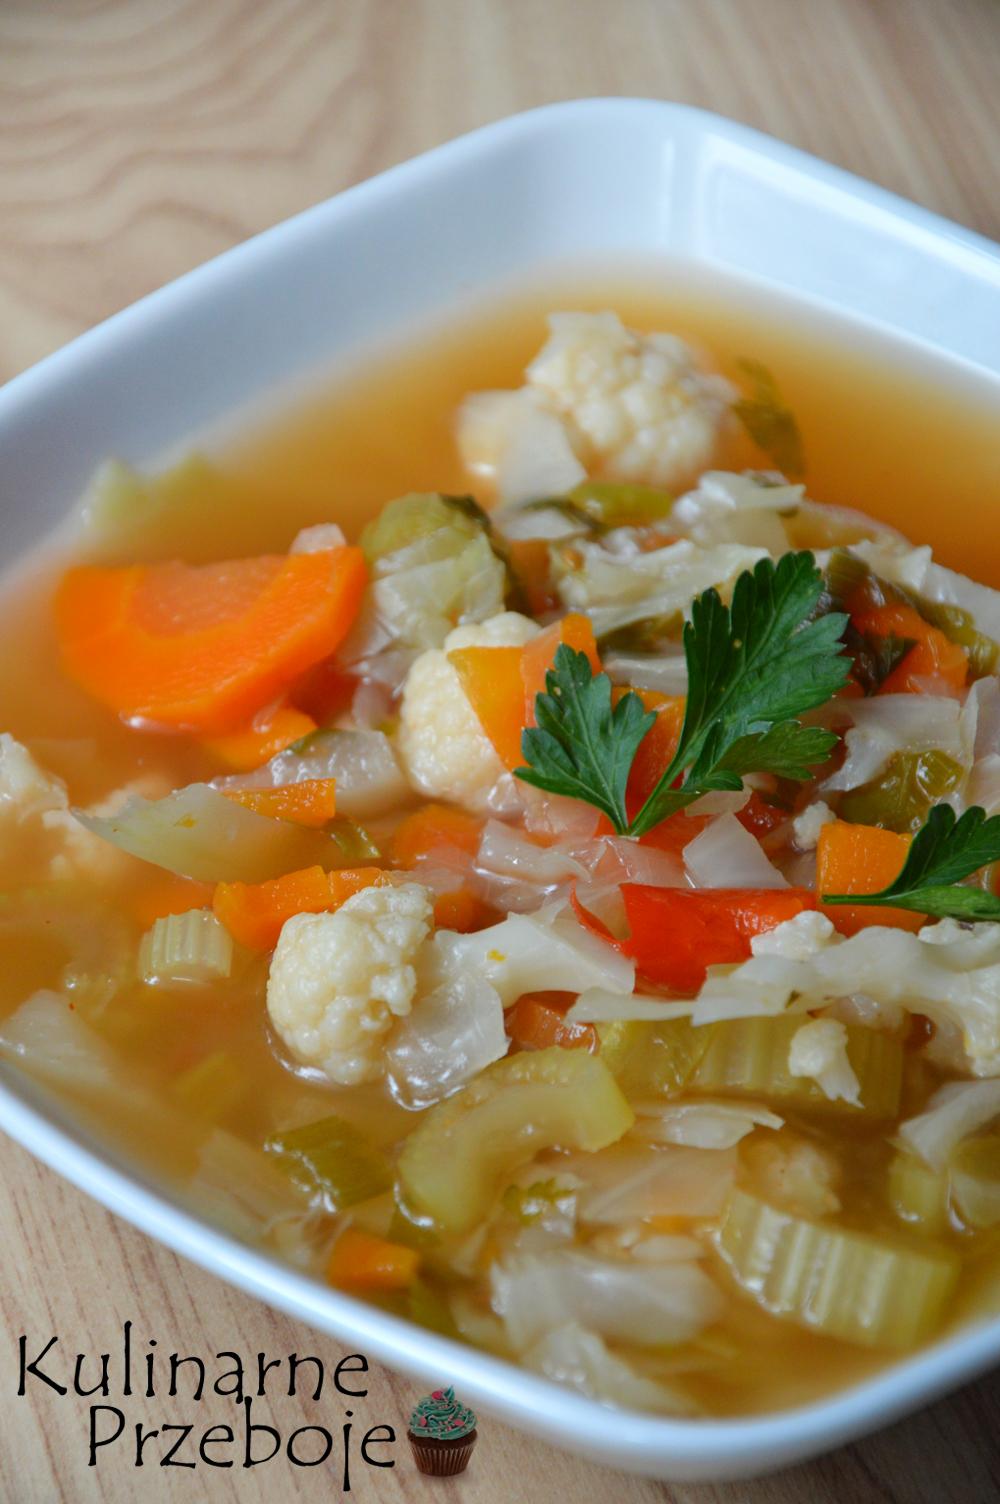 zupa spalająca tłuszcz, która pomoże w diecie